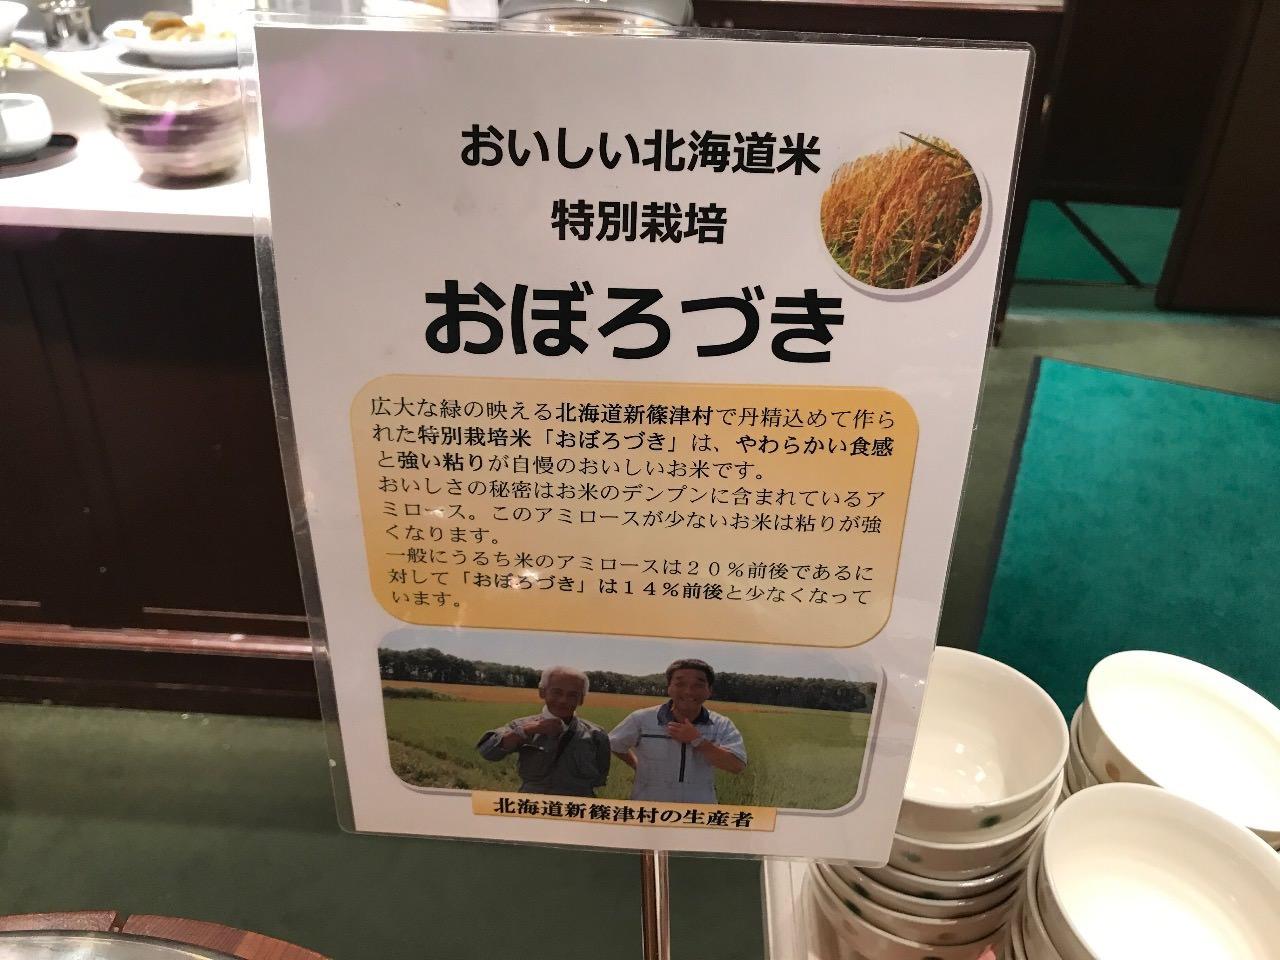 札幌 ホテル クラビー 朝食 04